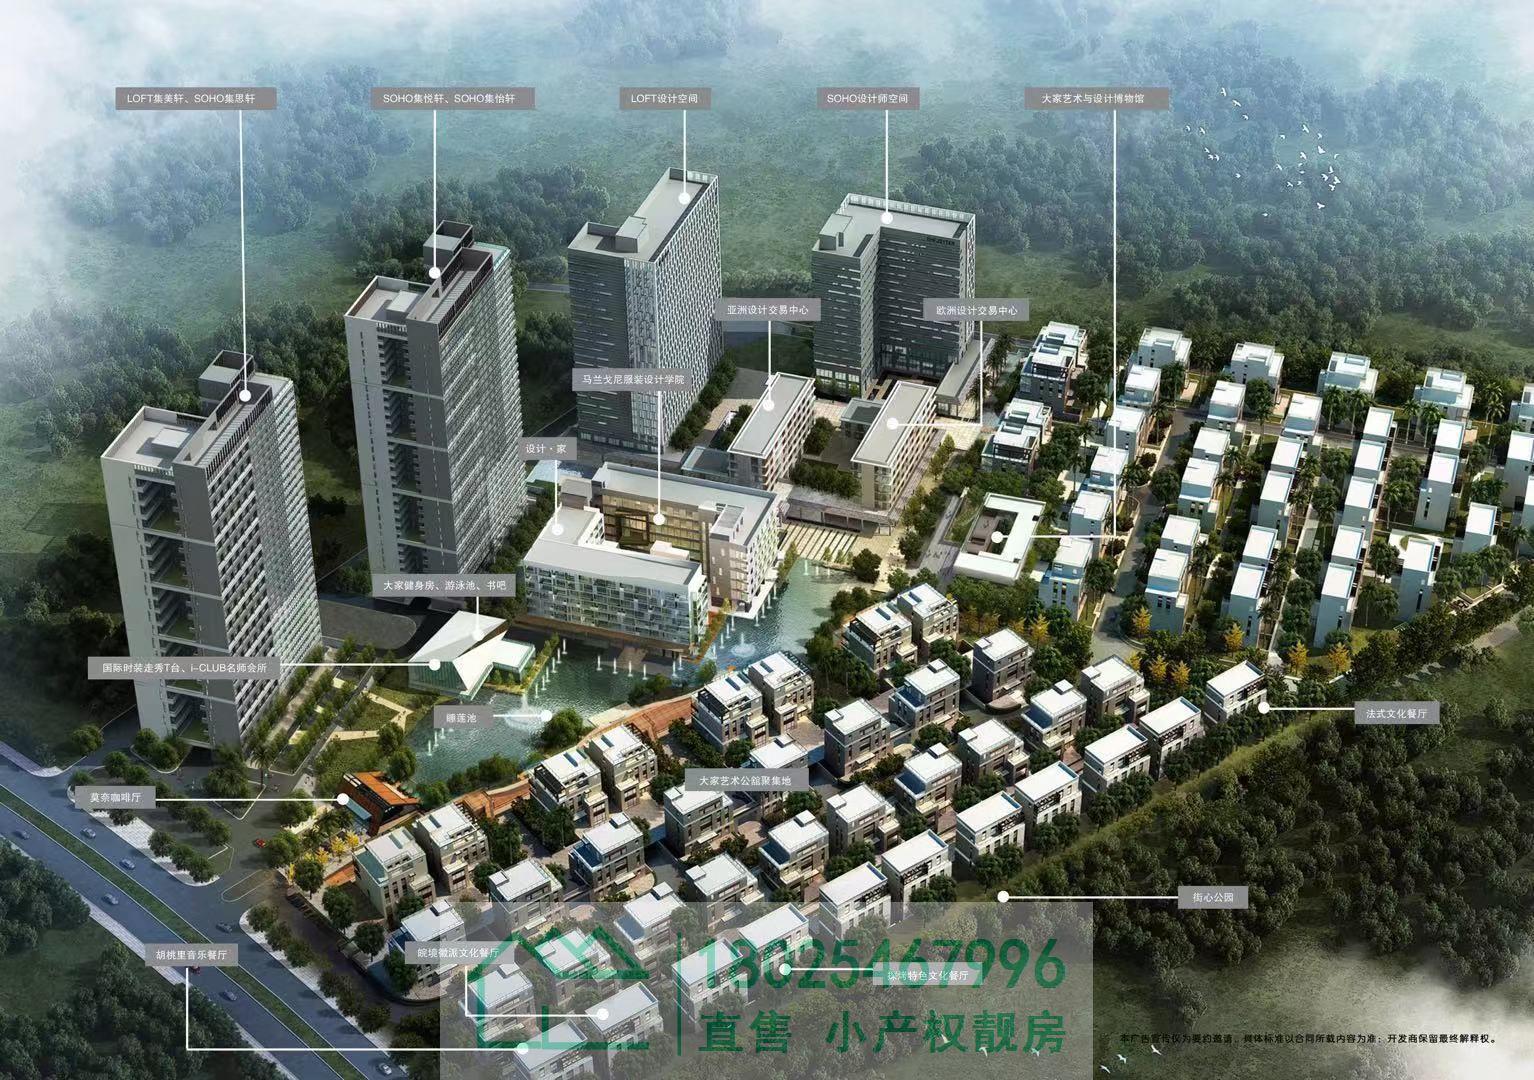 松山湖【华为一号】 大红本产权,39栋花园小区,精装12000元/平